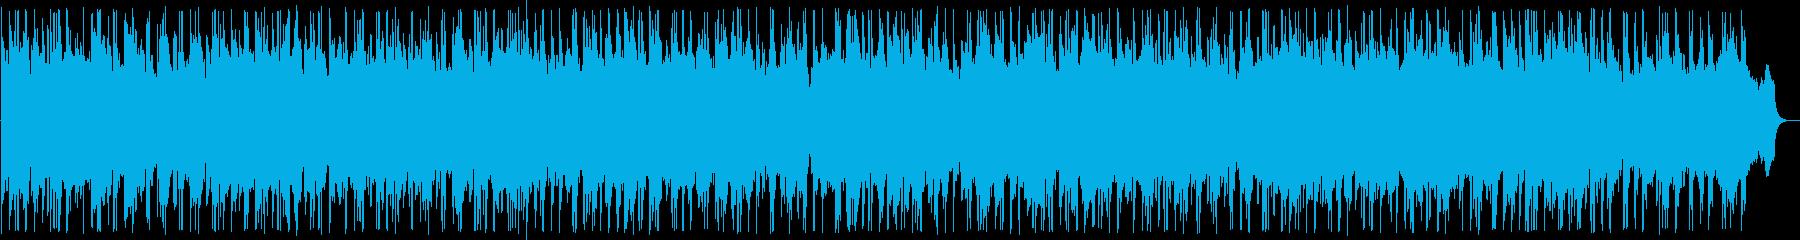 穏やかで明るいイージーリスニング曲の再生済みの波形